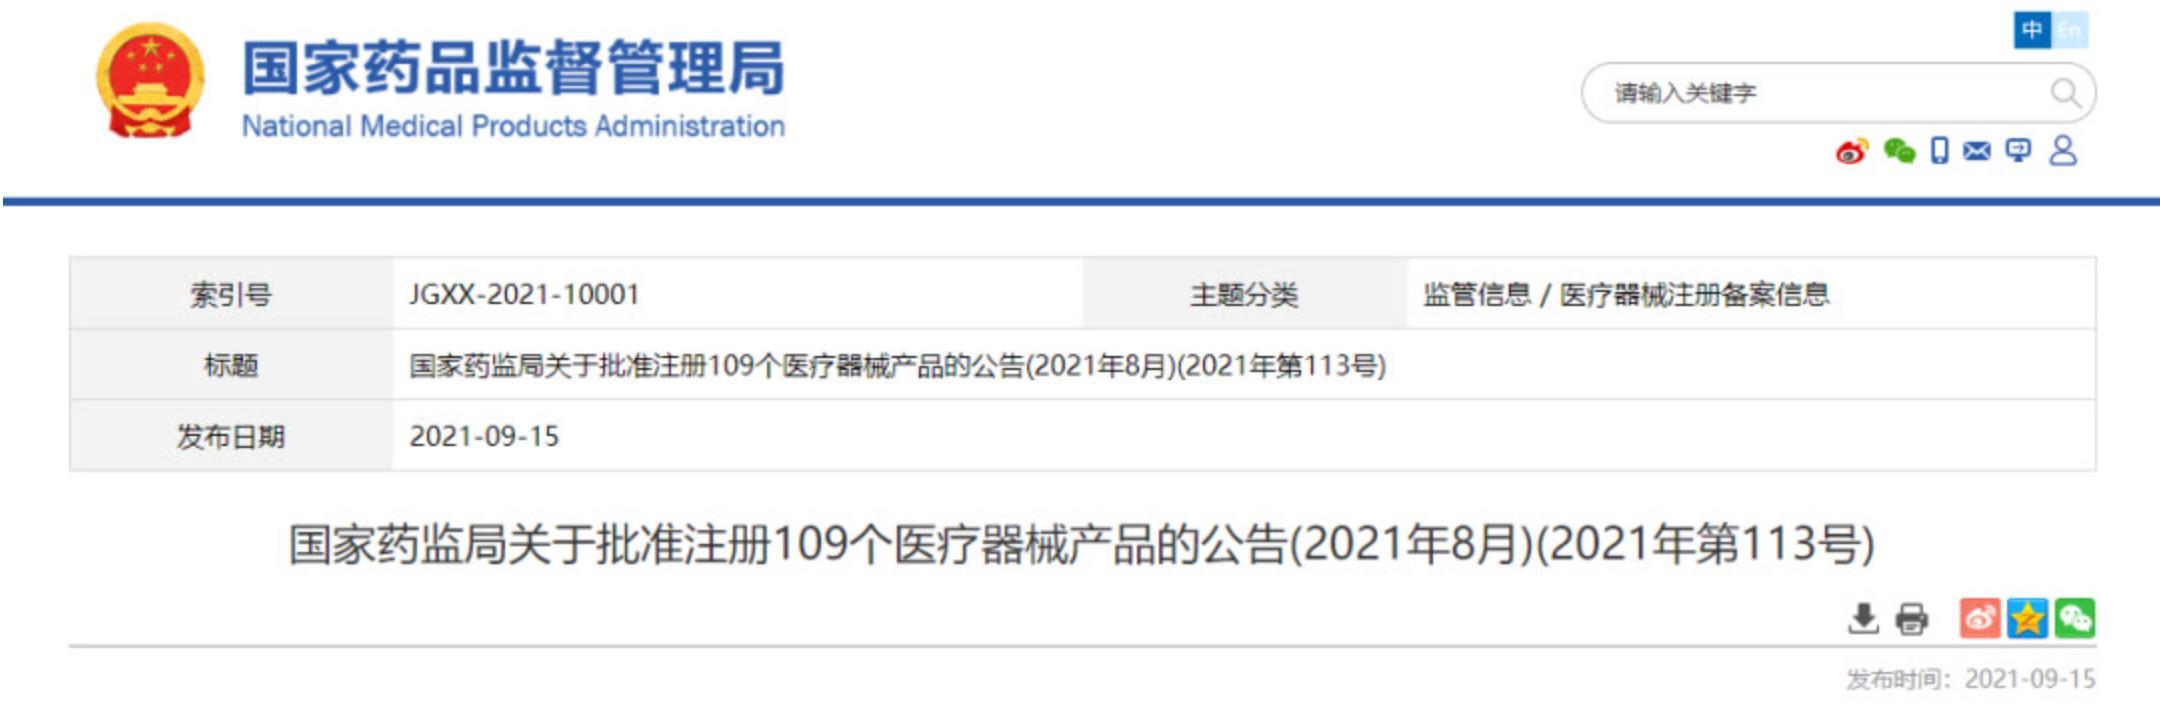 国家药监局关于批准注册109个医疗器械产品的公告(2021年8月)